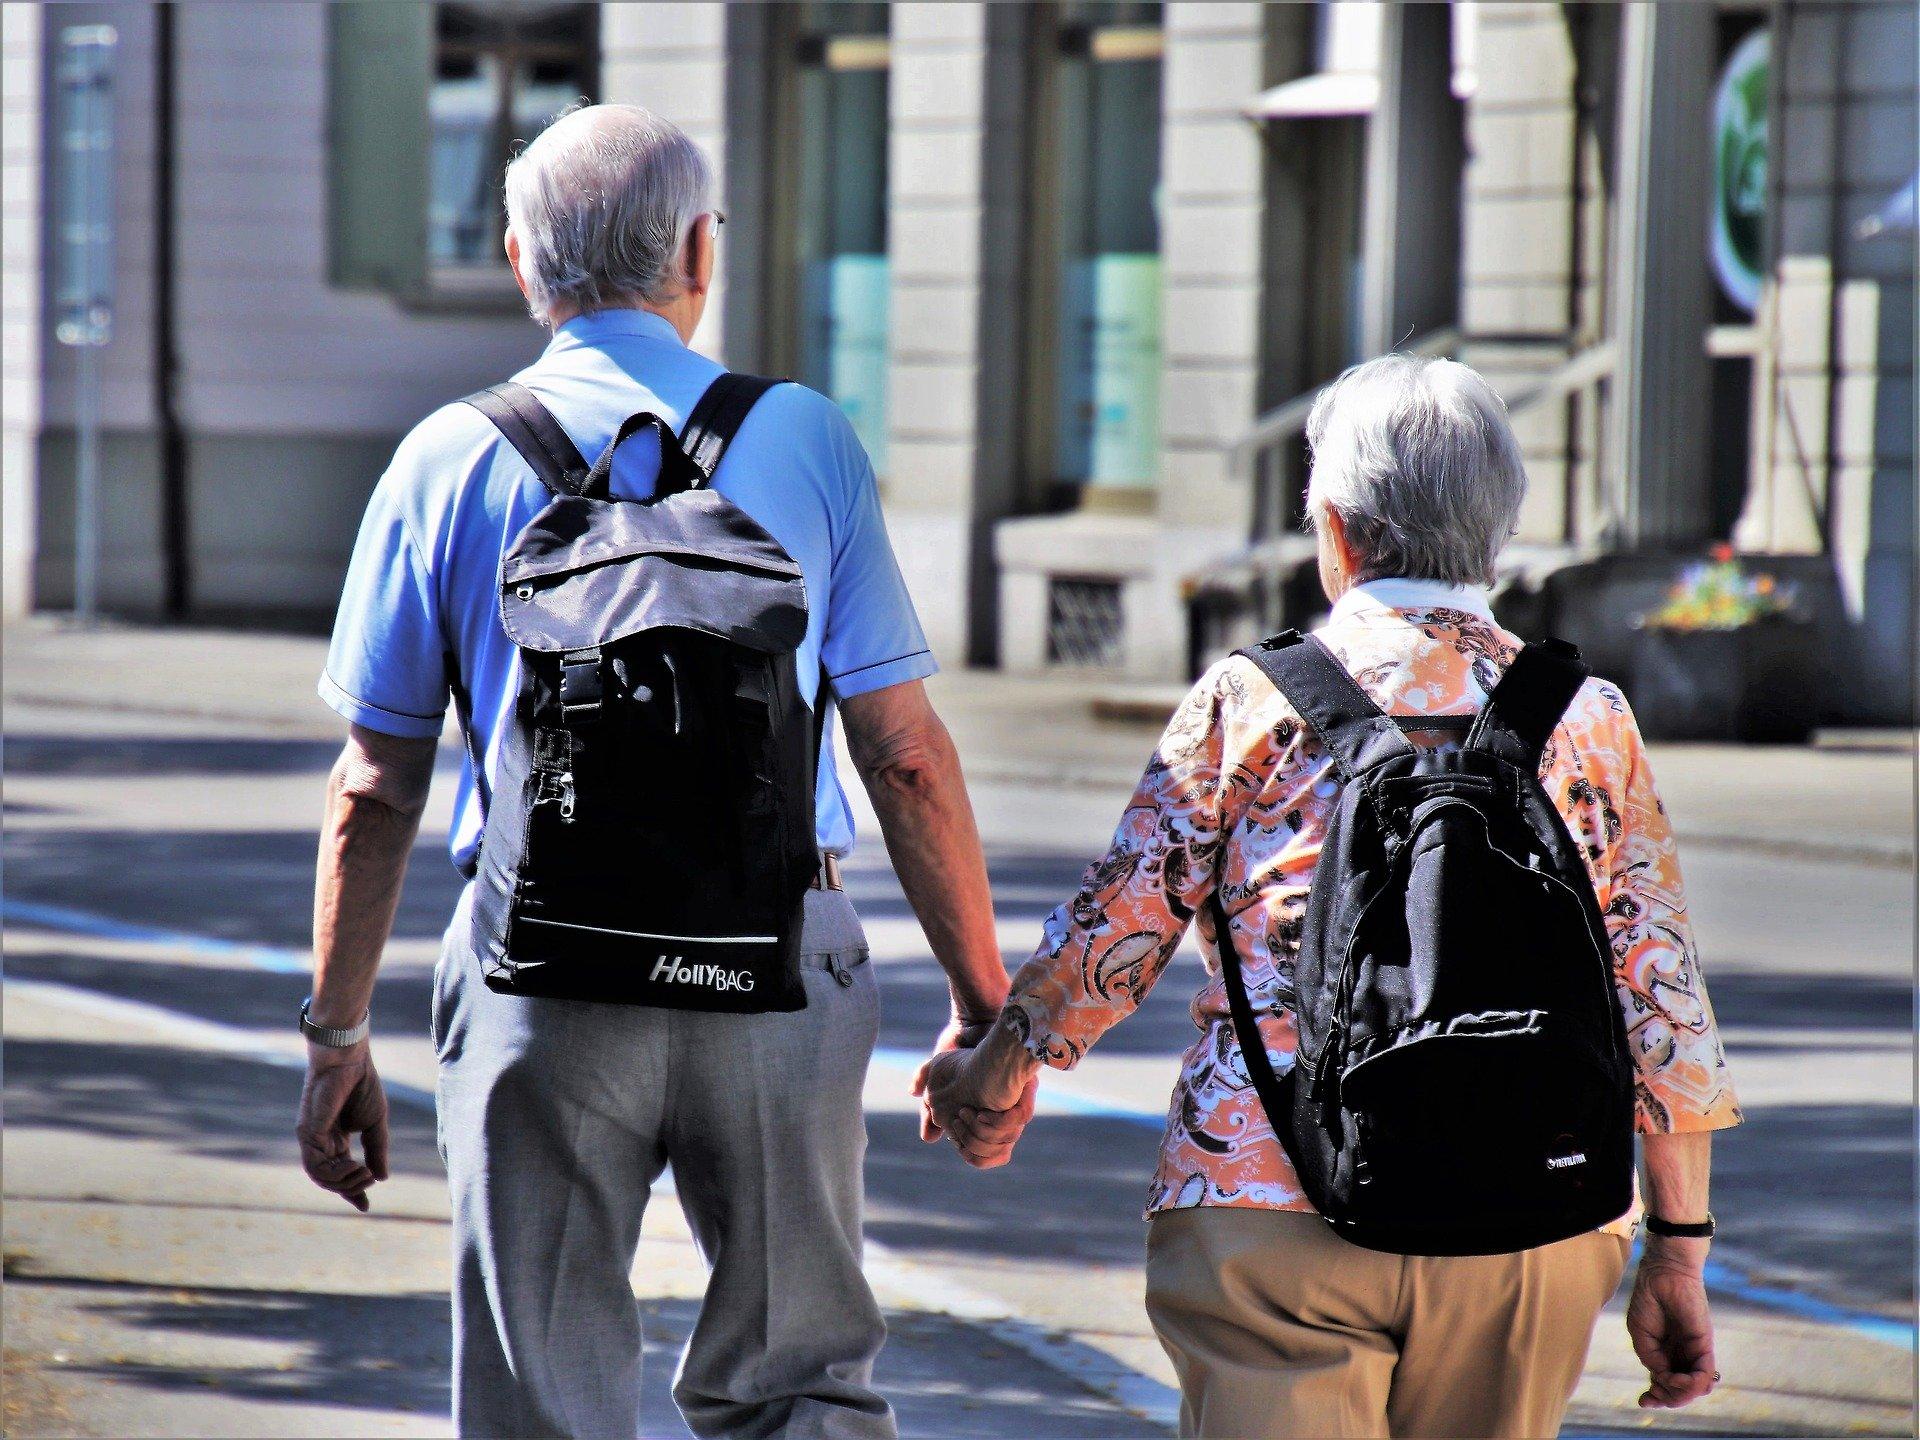 Konkurs ofert dotyczący działalności na rzecz osób w wieku emerytalnym [OGŁOSZENIE]